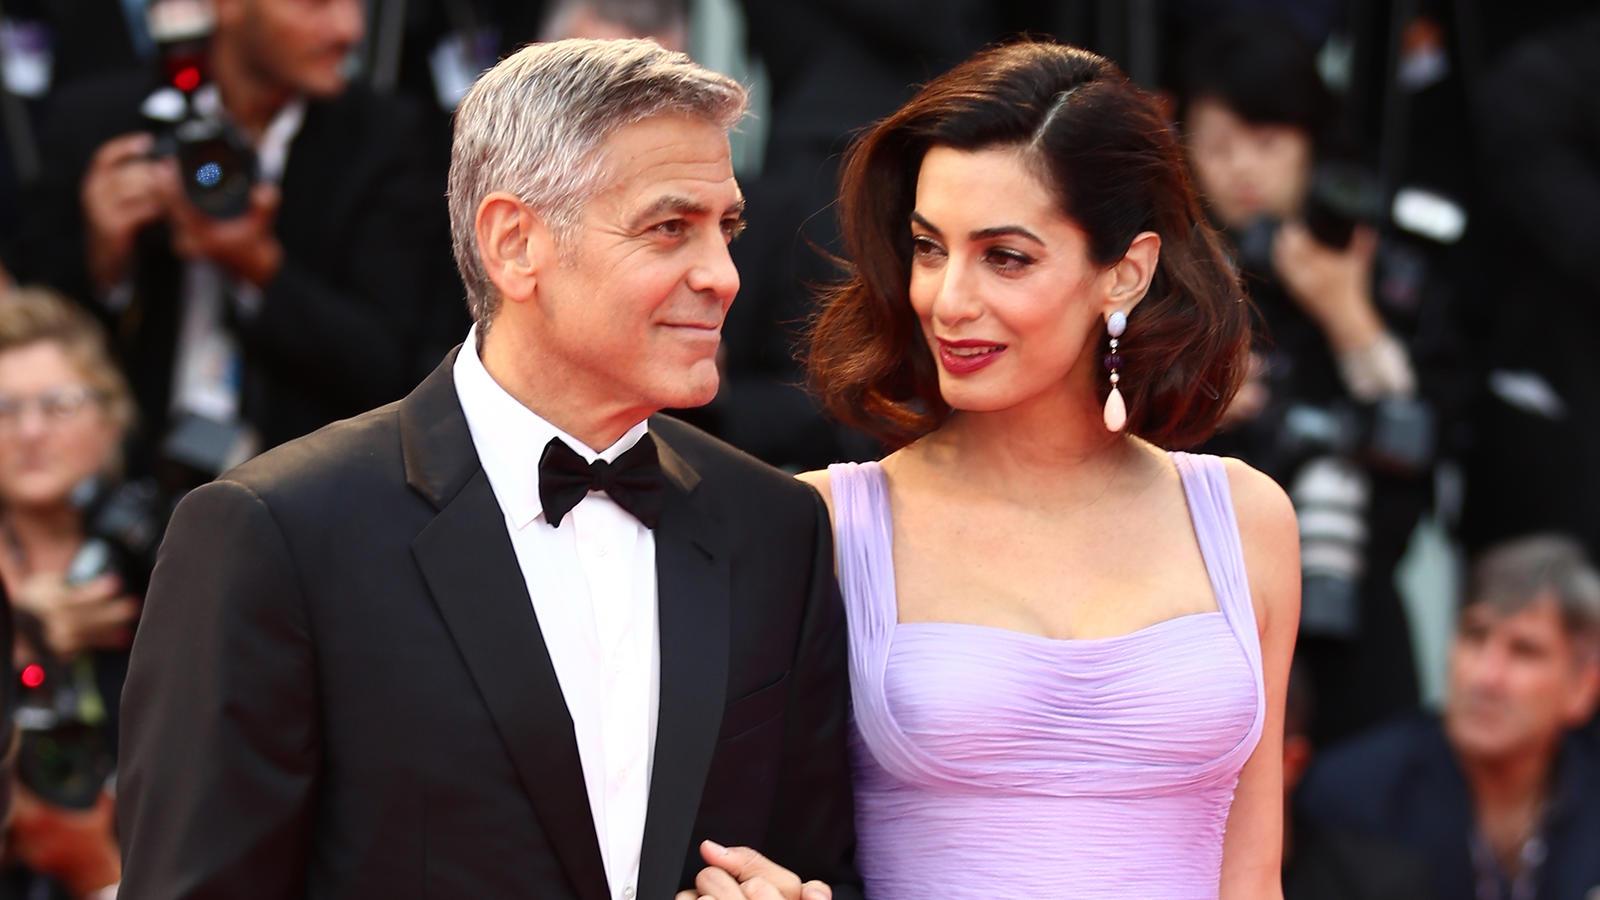 George und Amal Clooney: Das essen ihre Zwillinge am liebsten